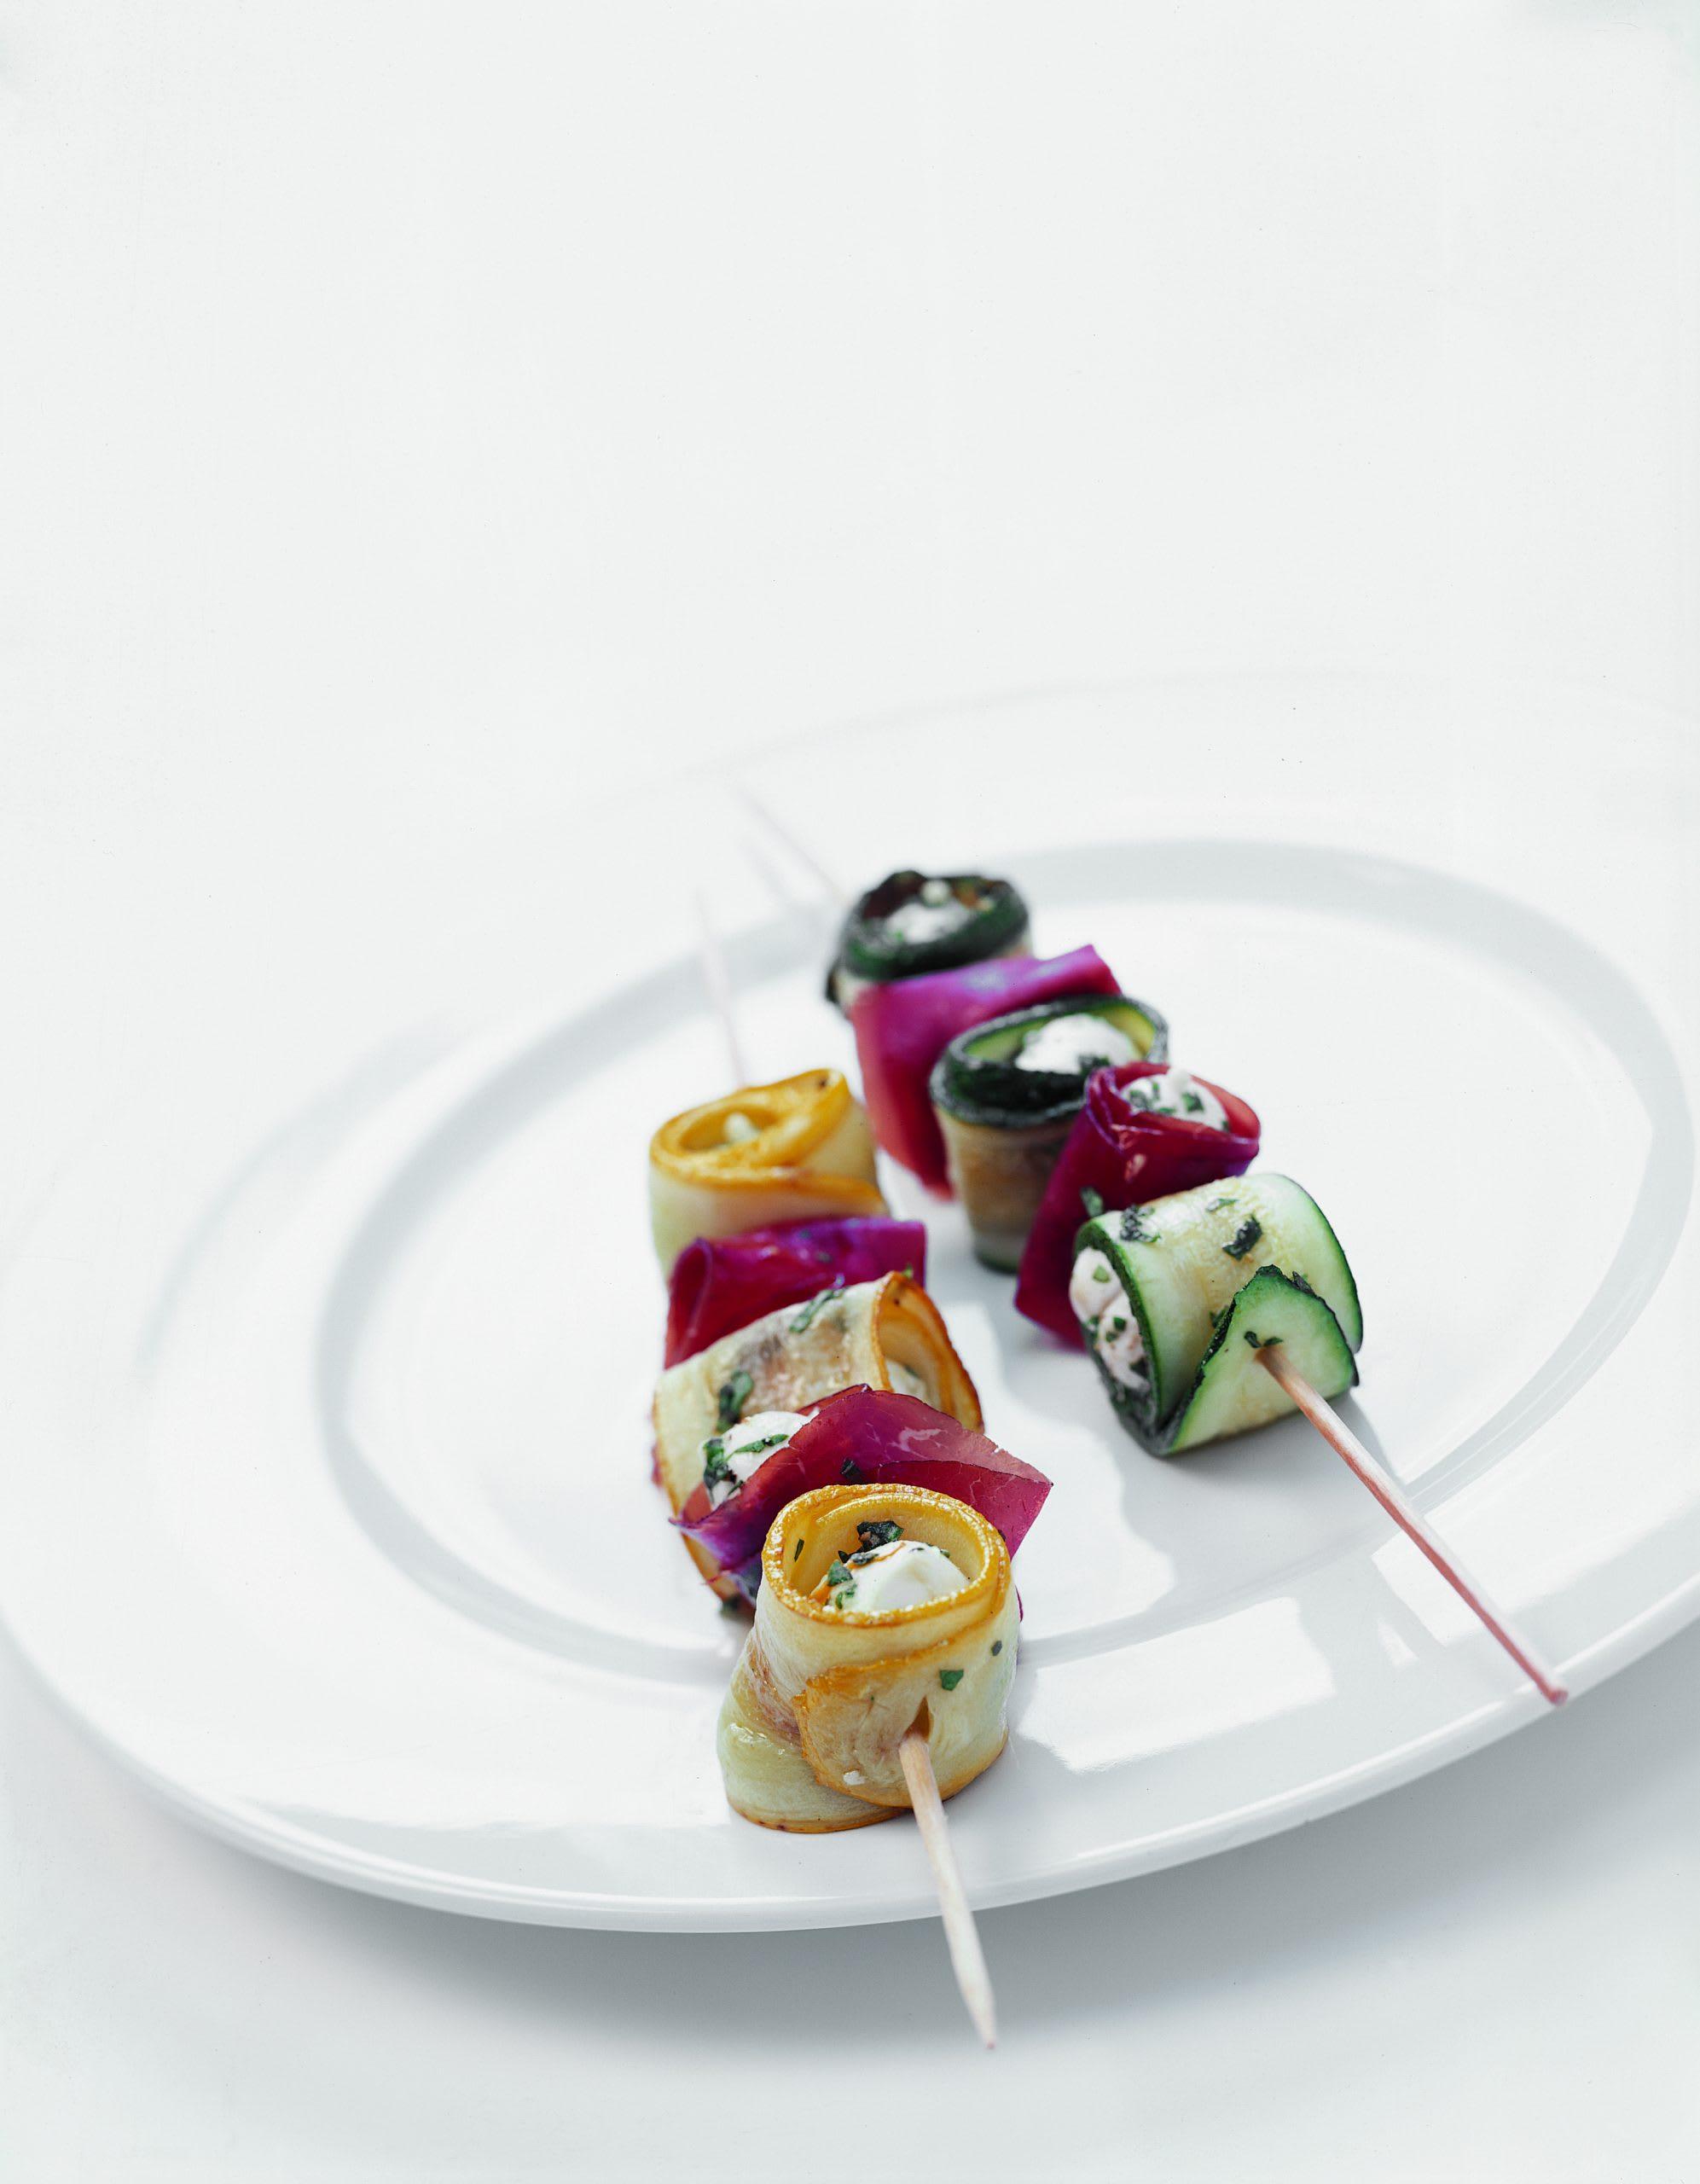 Zucchini-Mozzarella-Spiesse